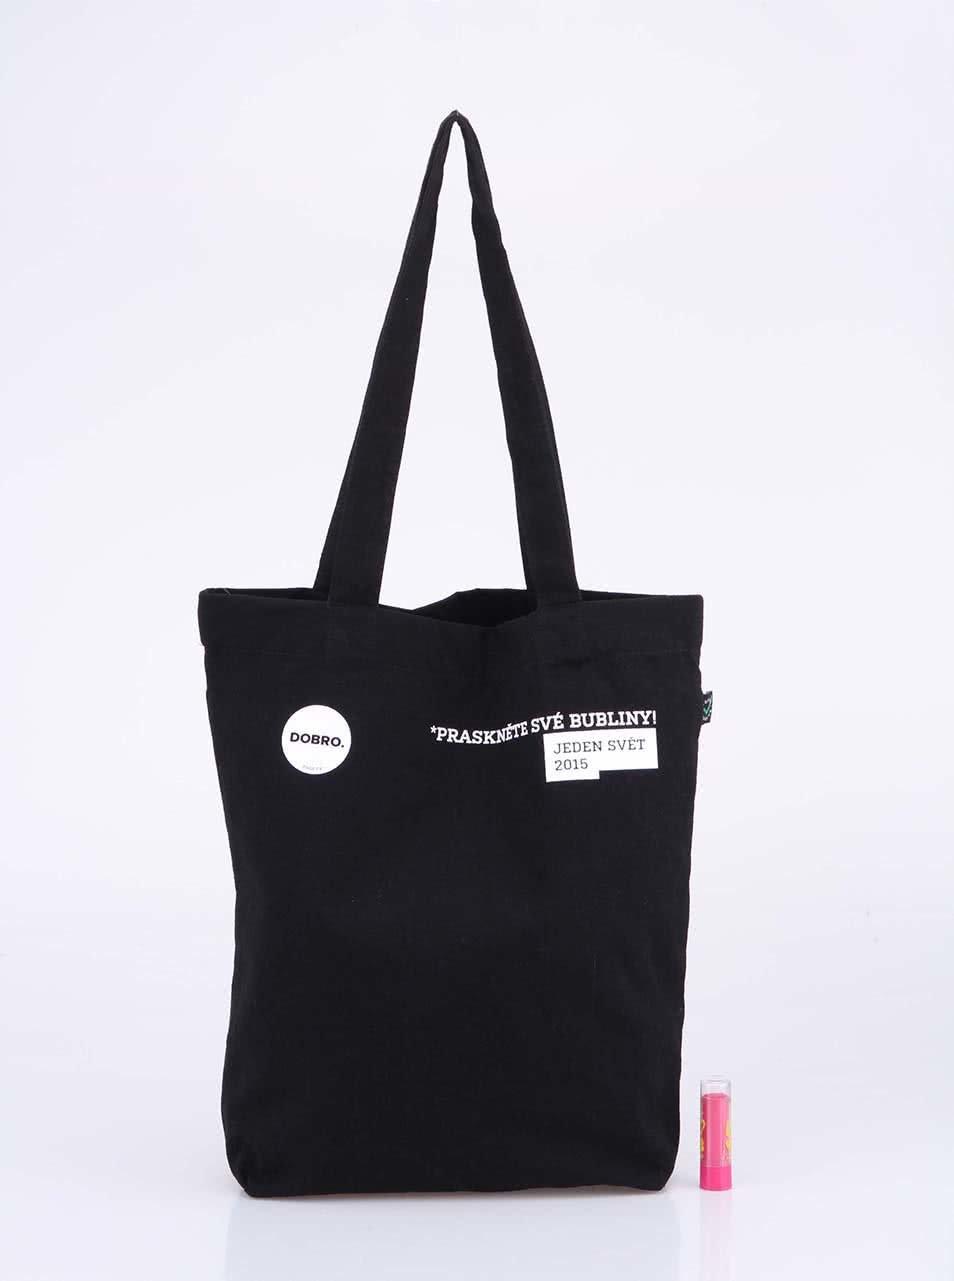 """""""Dobrá"""" černá taška s potiskem pro Jeden svět"""